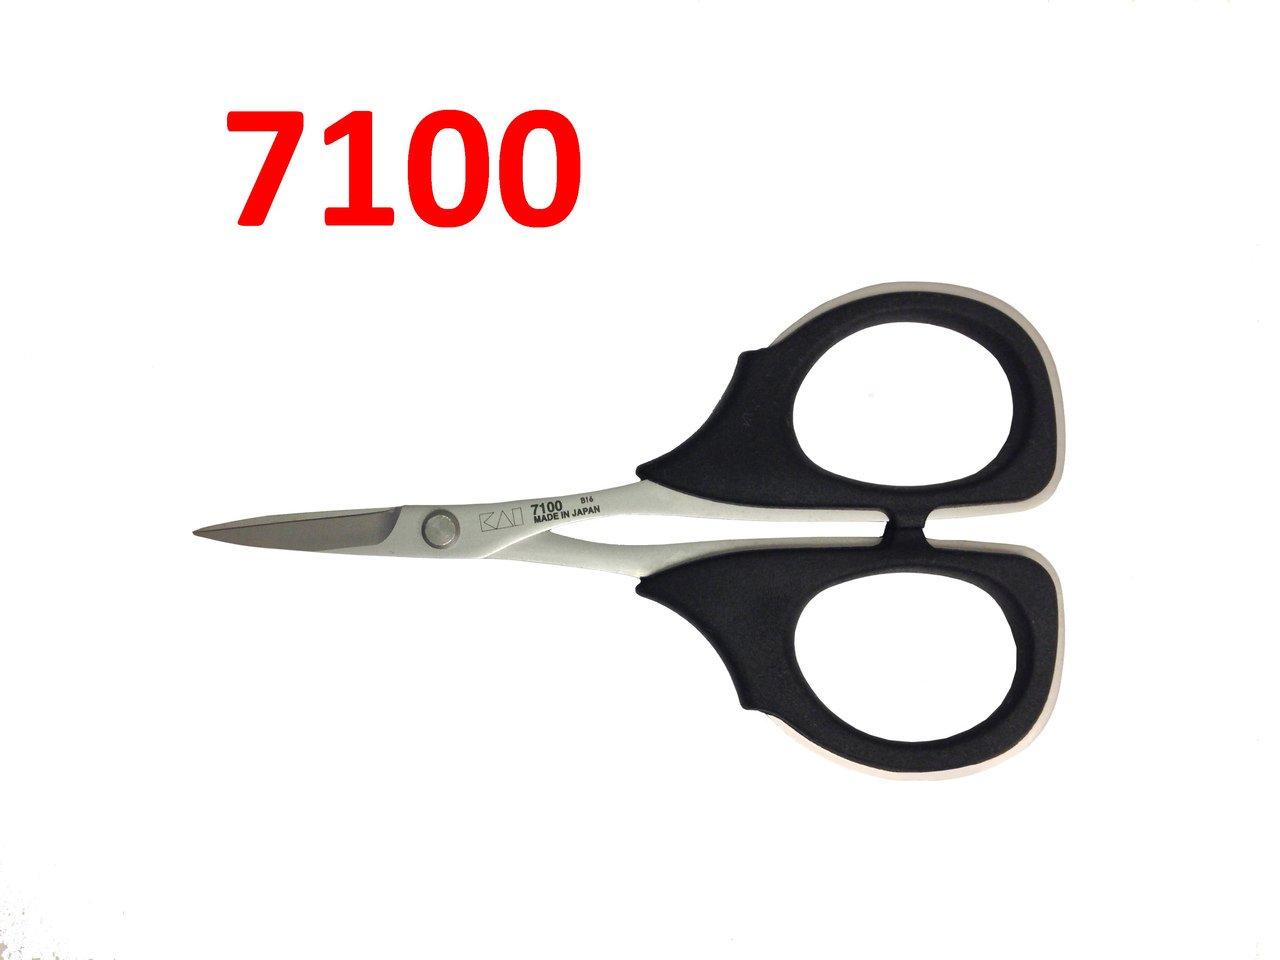 Kai 4in 7100 Professional Scissors - 7000 Series